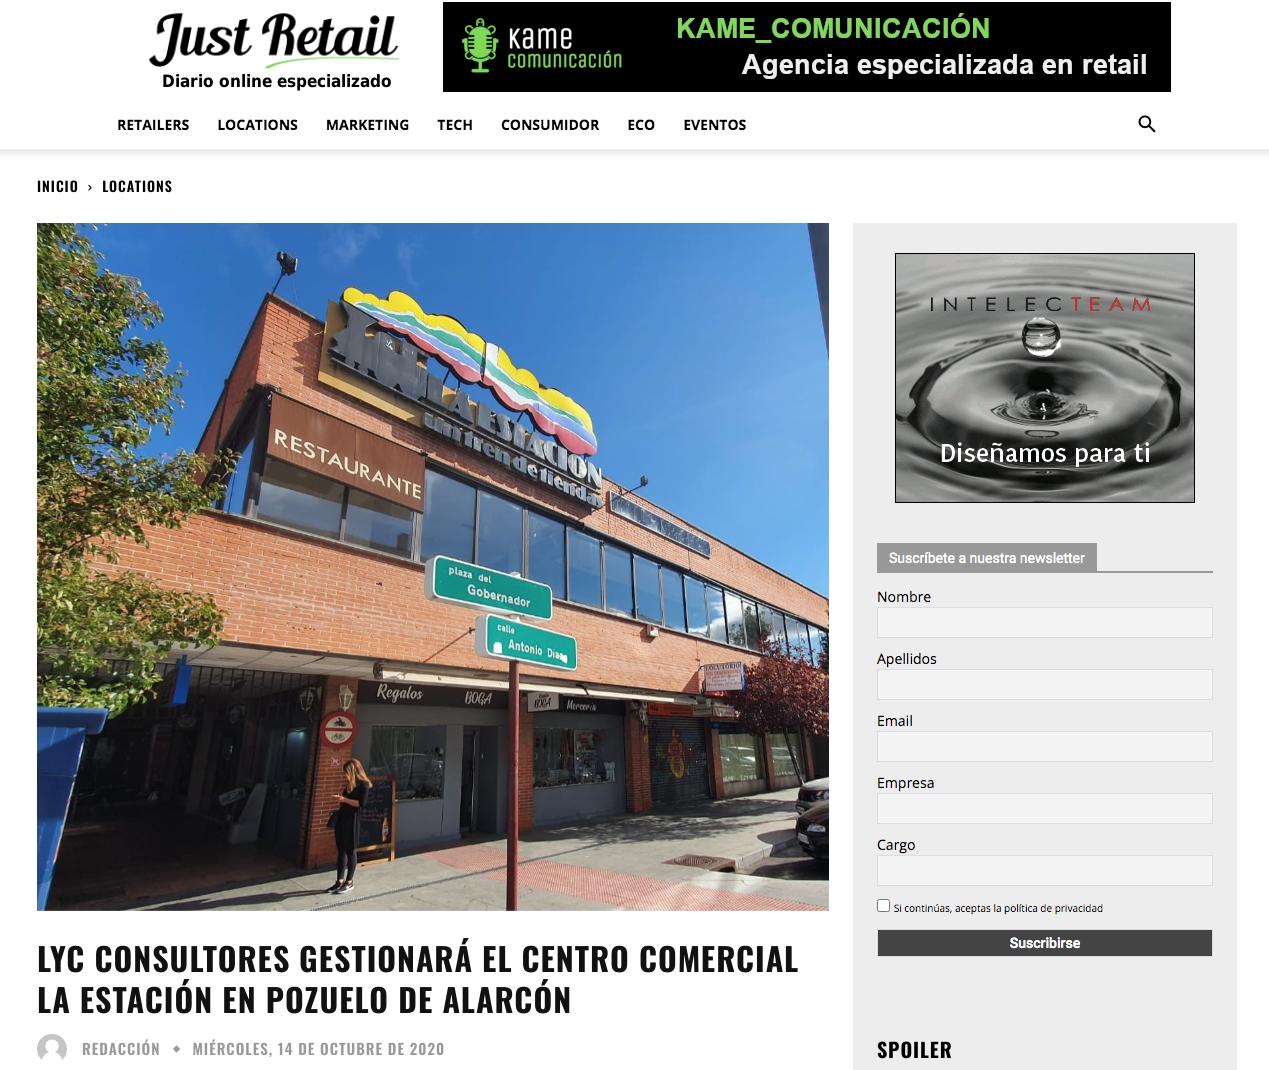 Lyc Consultores gestionara el centro comercial La Estación en Pozuelo De Alarcón